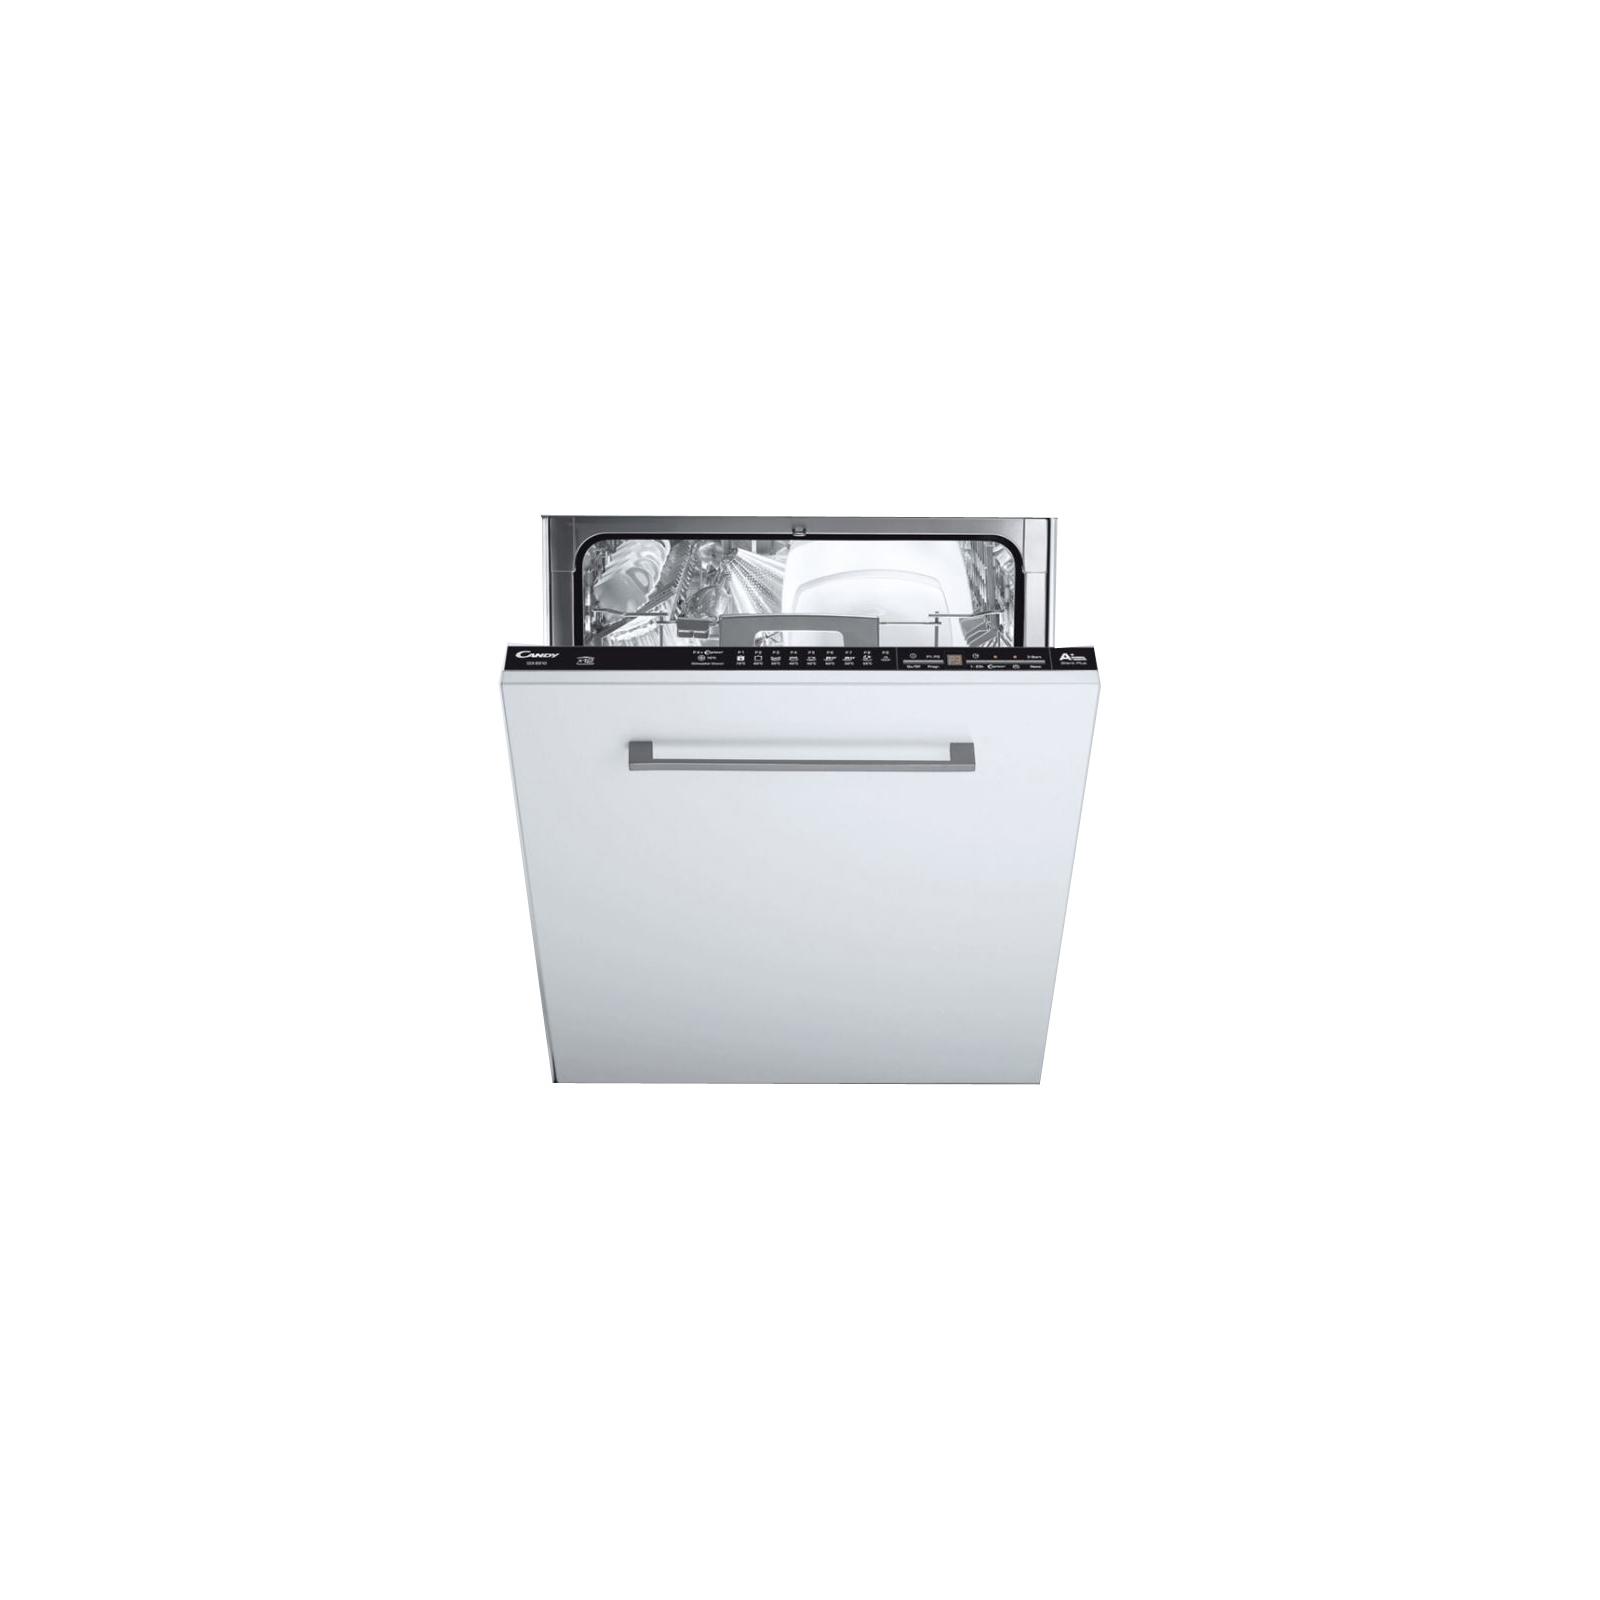 Посудомоечная машина CANDY CDI 2210/E-S (CDI2210/E-S)